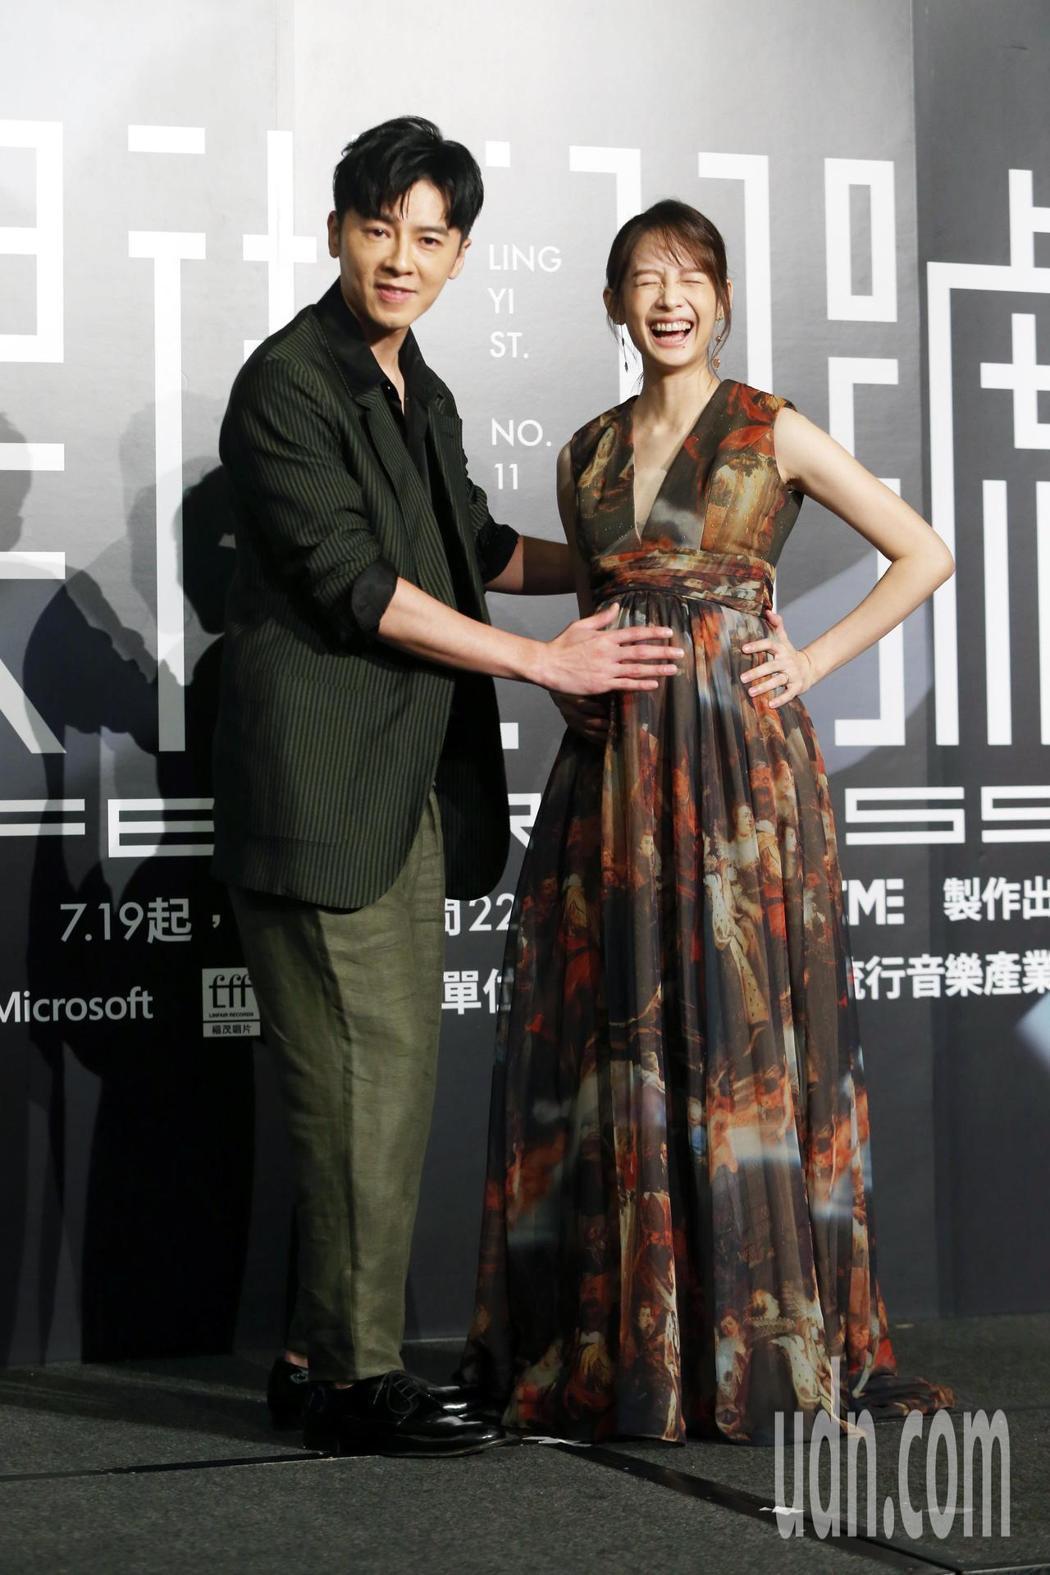 「靈異街11號」舉行首映會,李國毅(左)撫摸簡嫚書孕肚。記者邱德祥/攝影